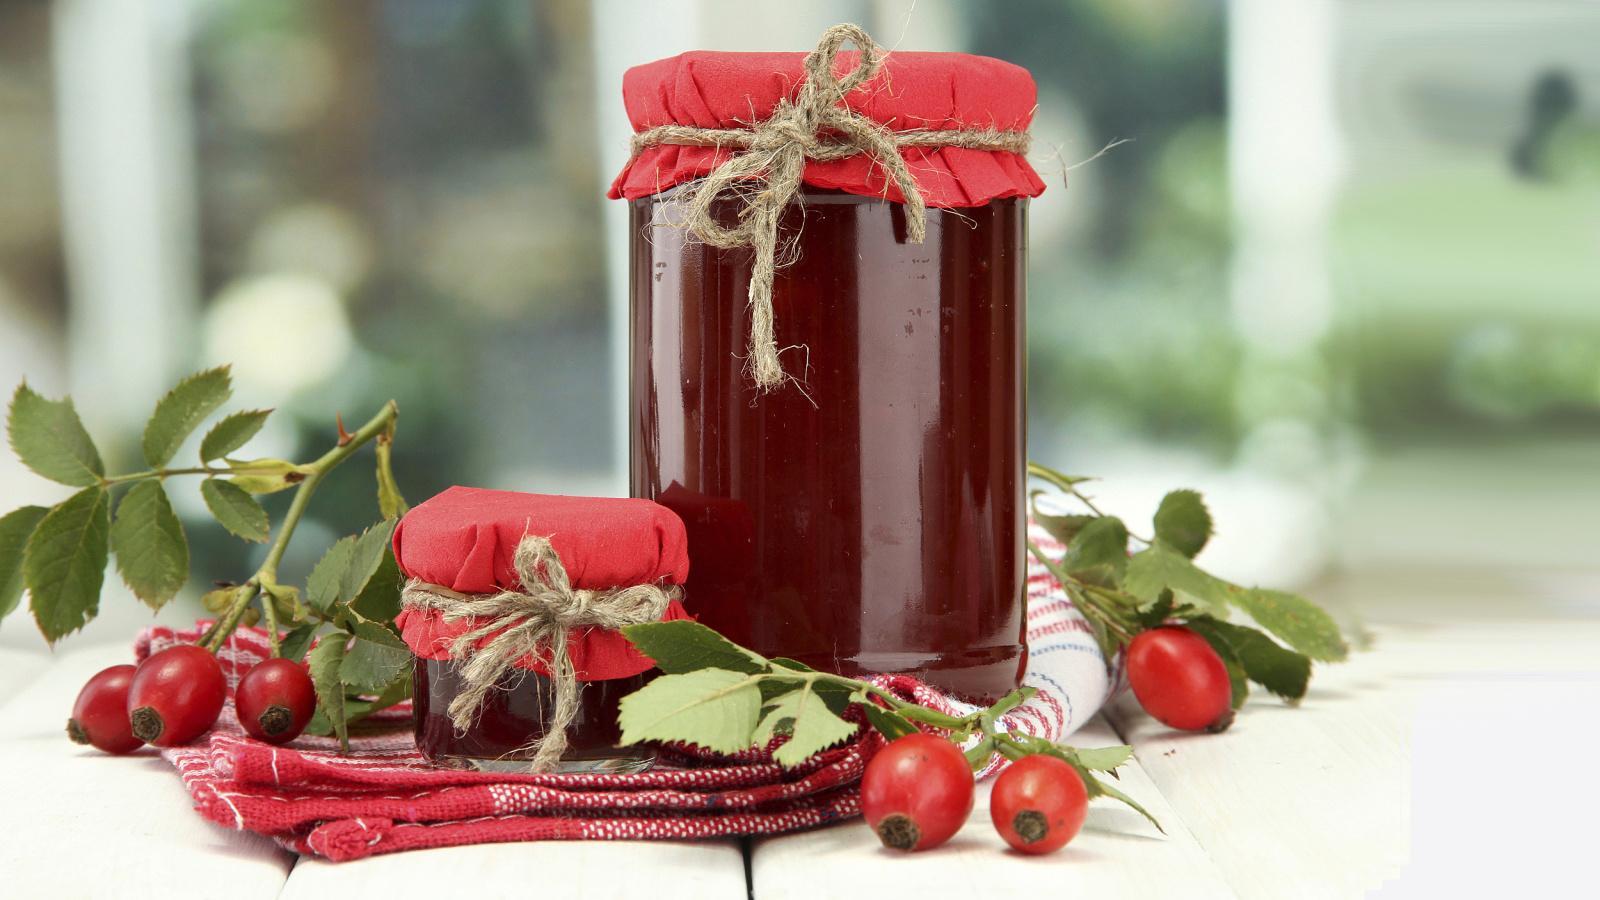 Варенье из плодов шиповника можно с успехом заготовить на зиму